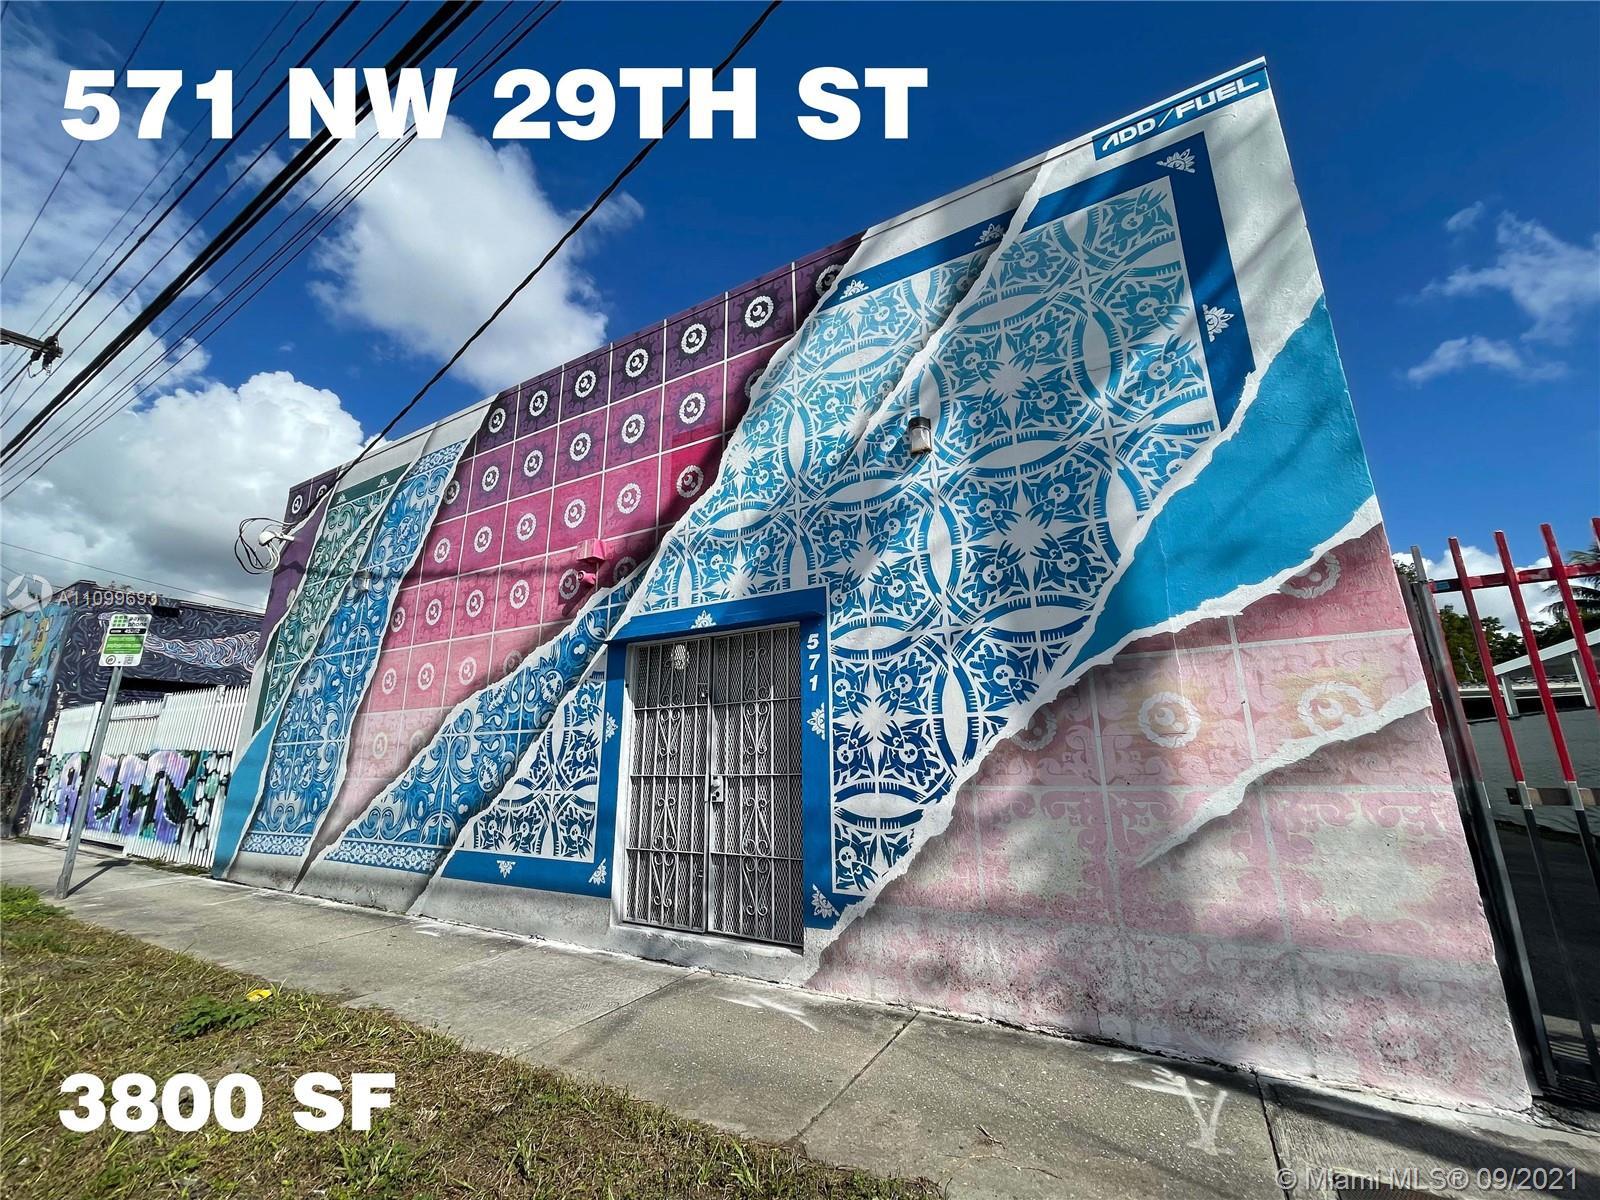 571 NW 29th St, Miami, FL 33127